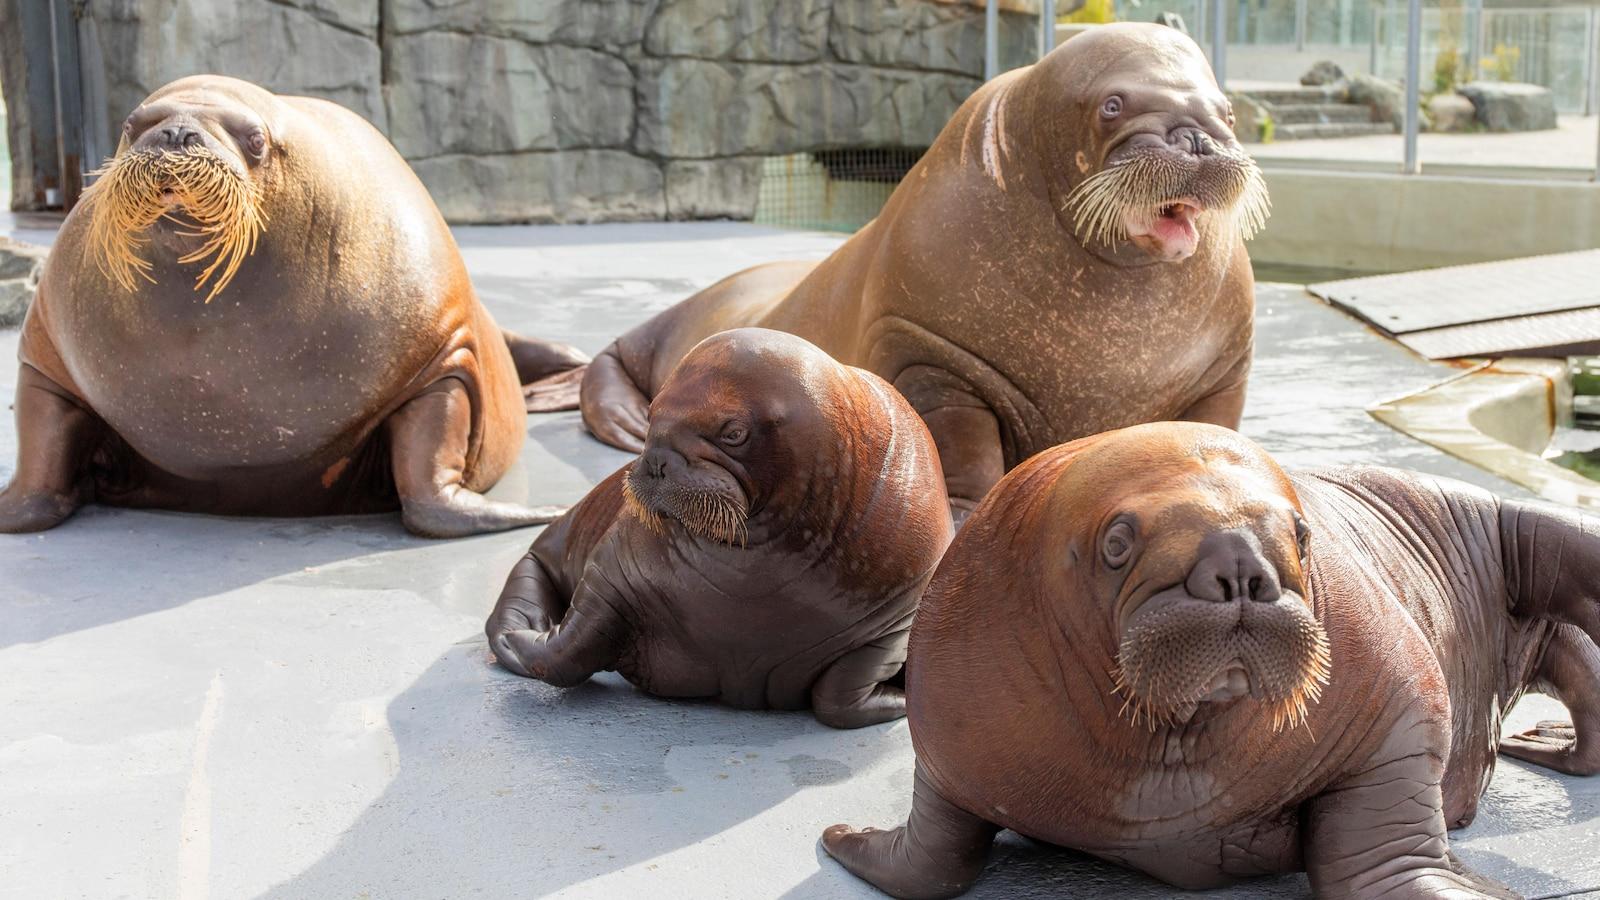 Des morses à l'Aquarium du Québec